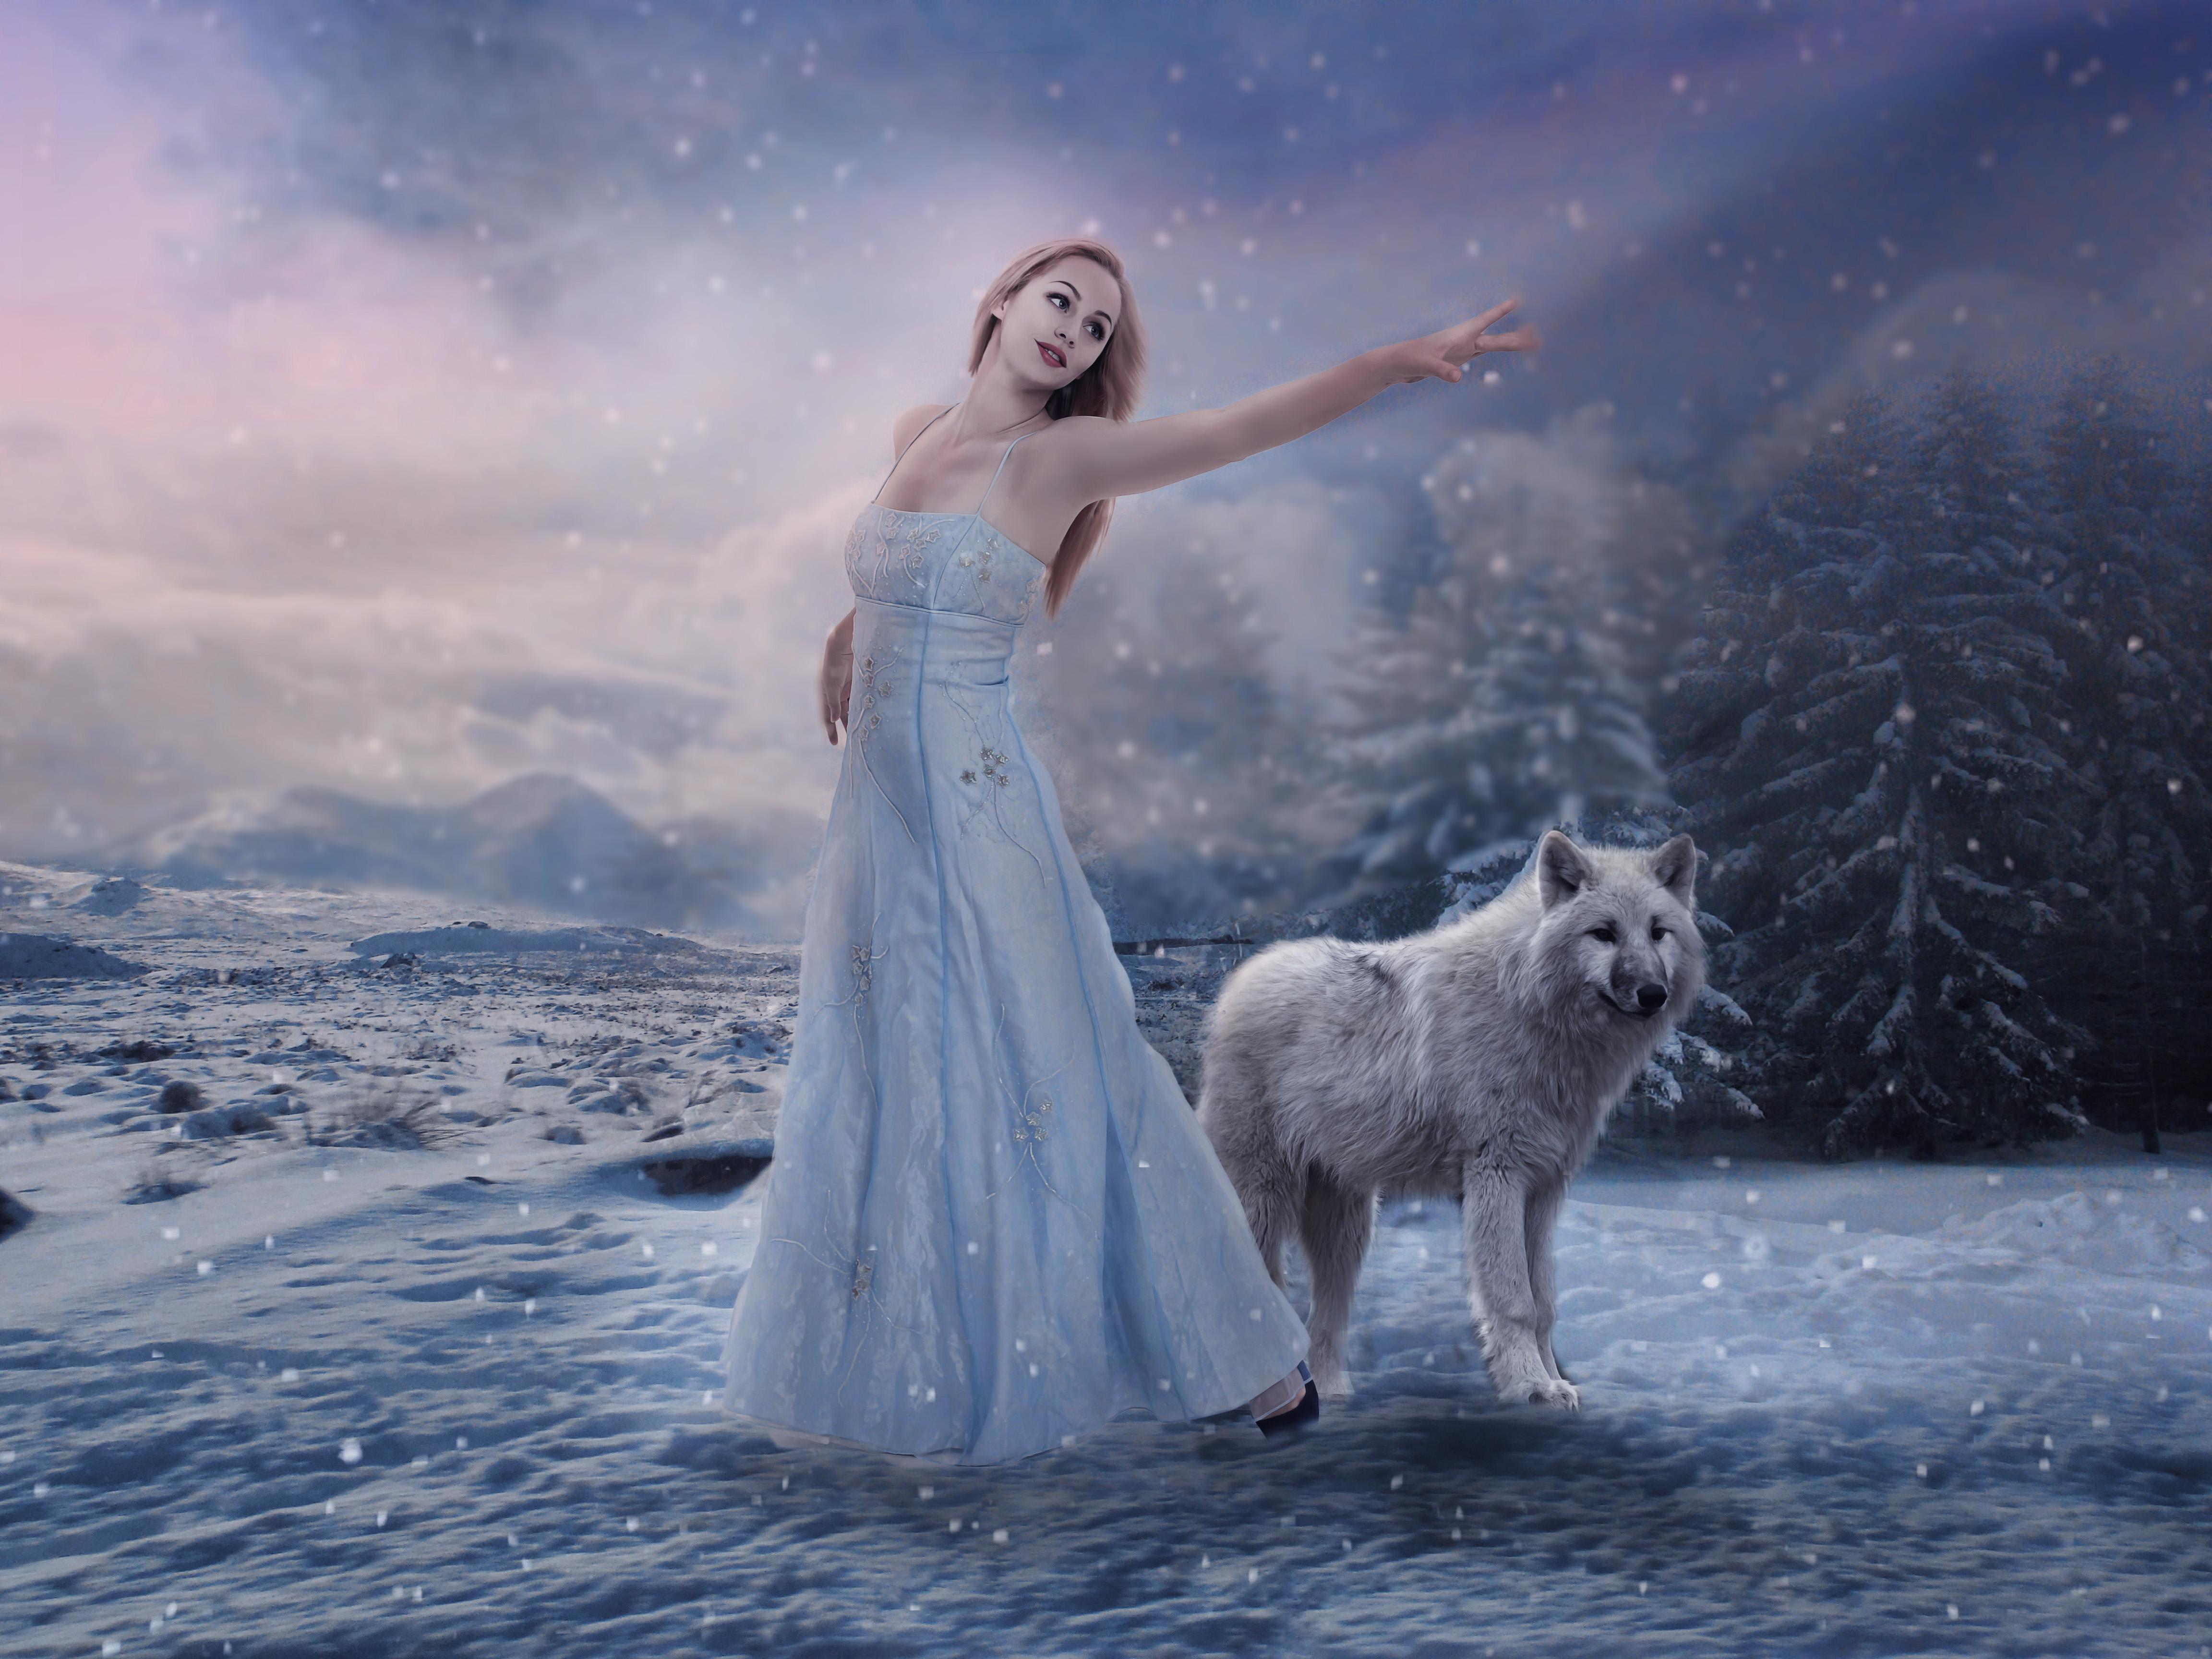 хакасских узорах фото ангелы с волками красивые сенсора